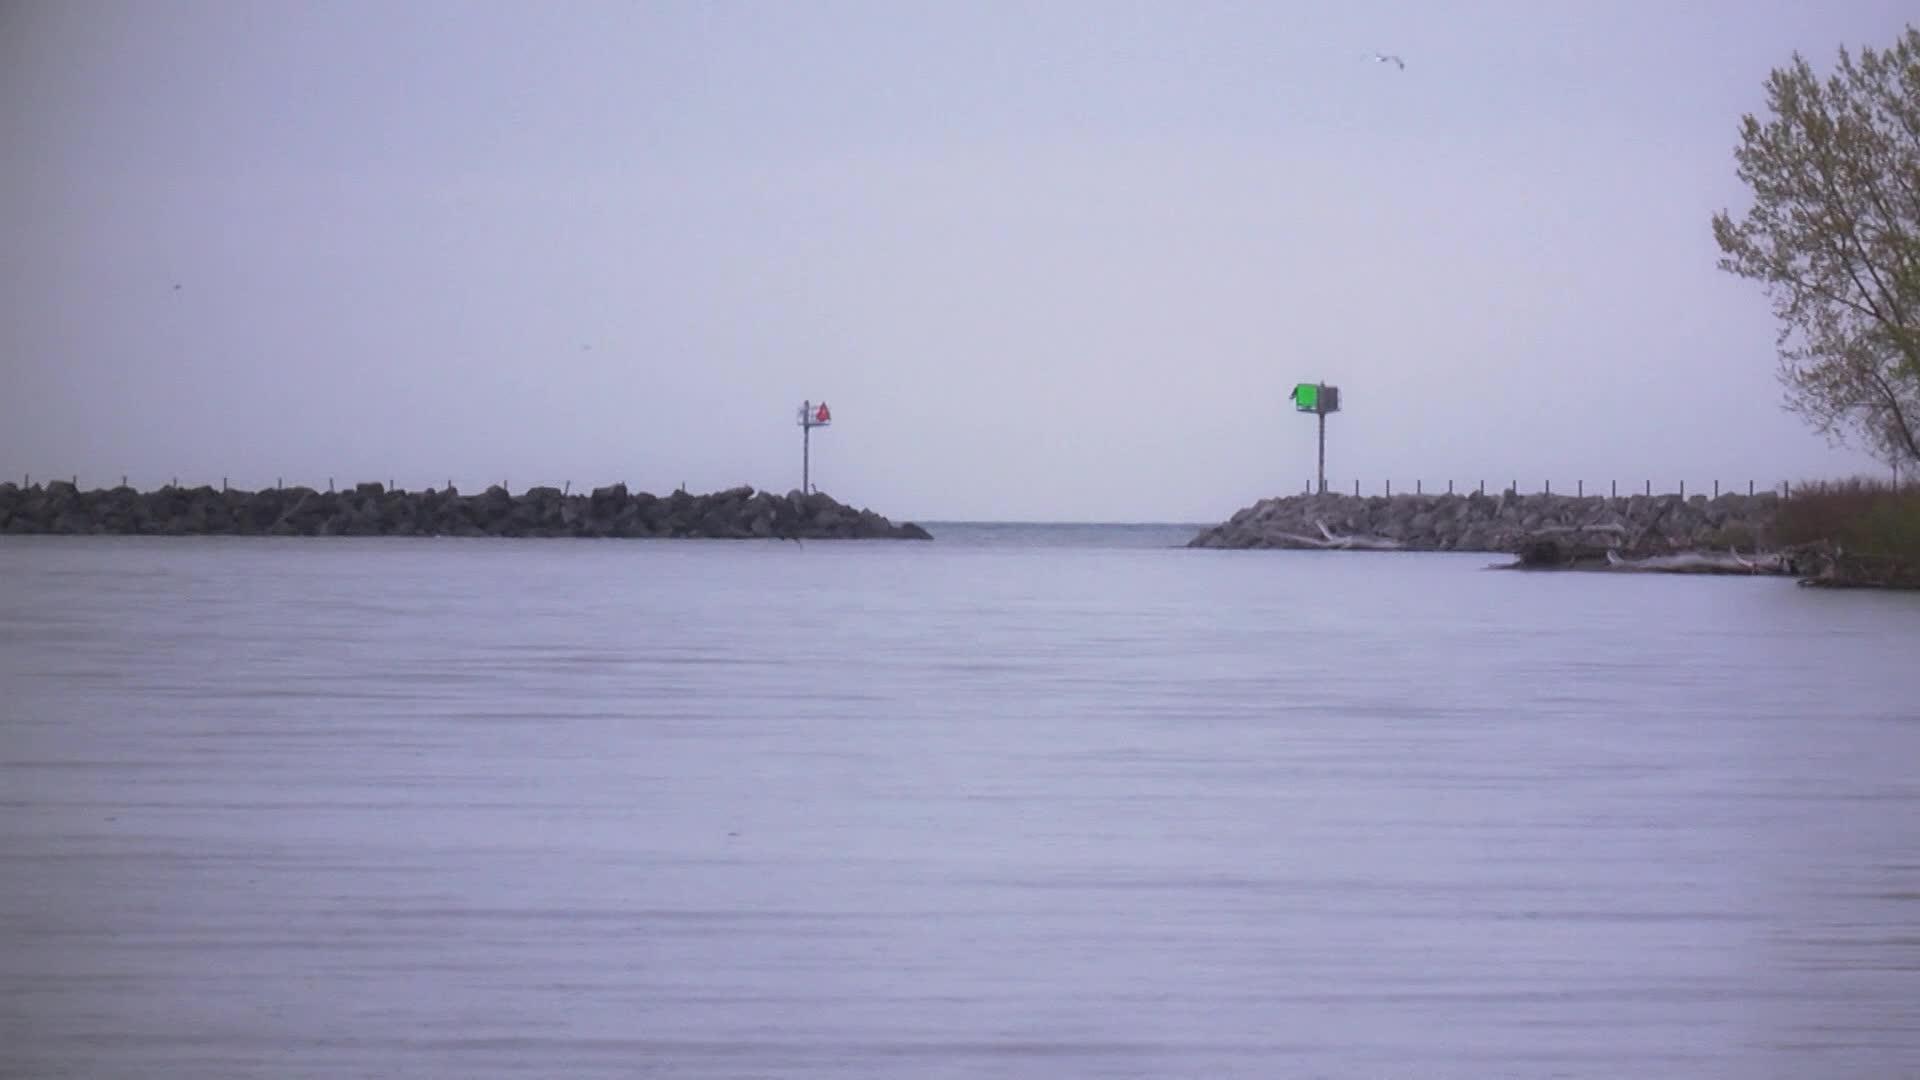 Solo - Erie